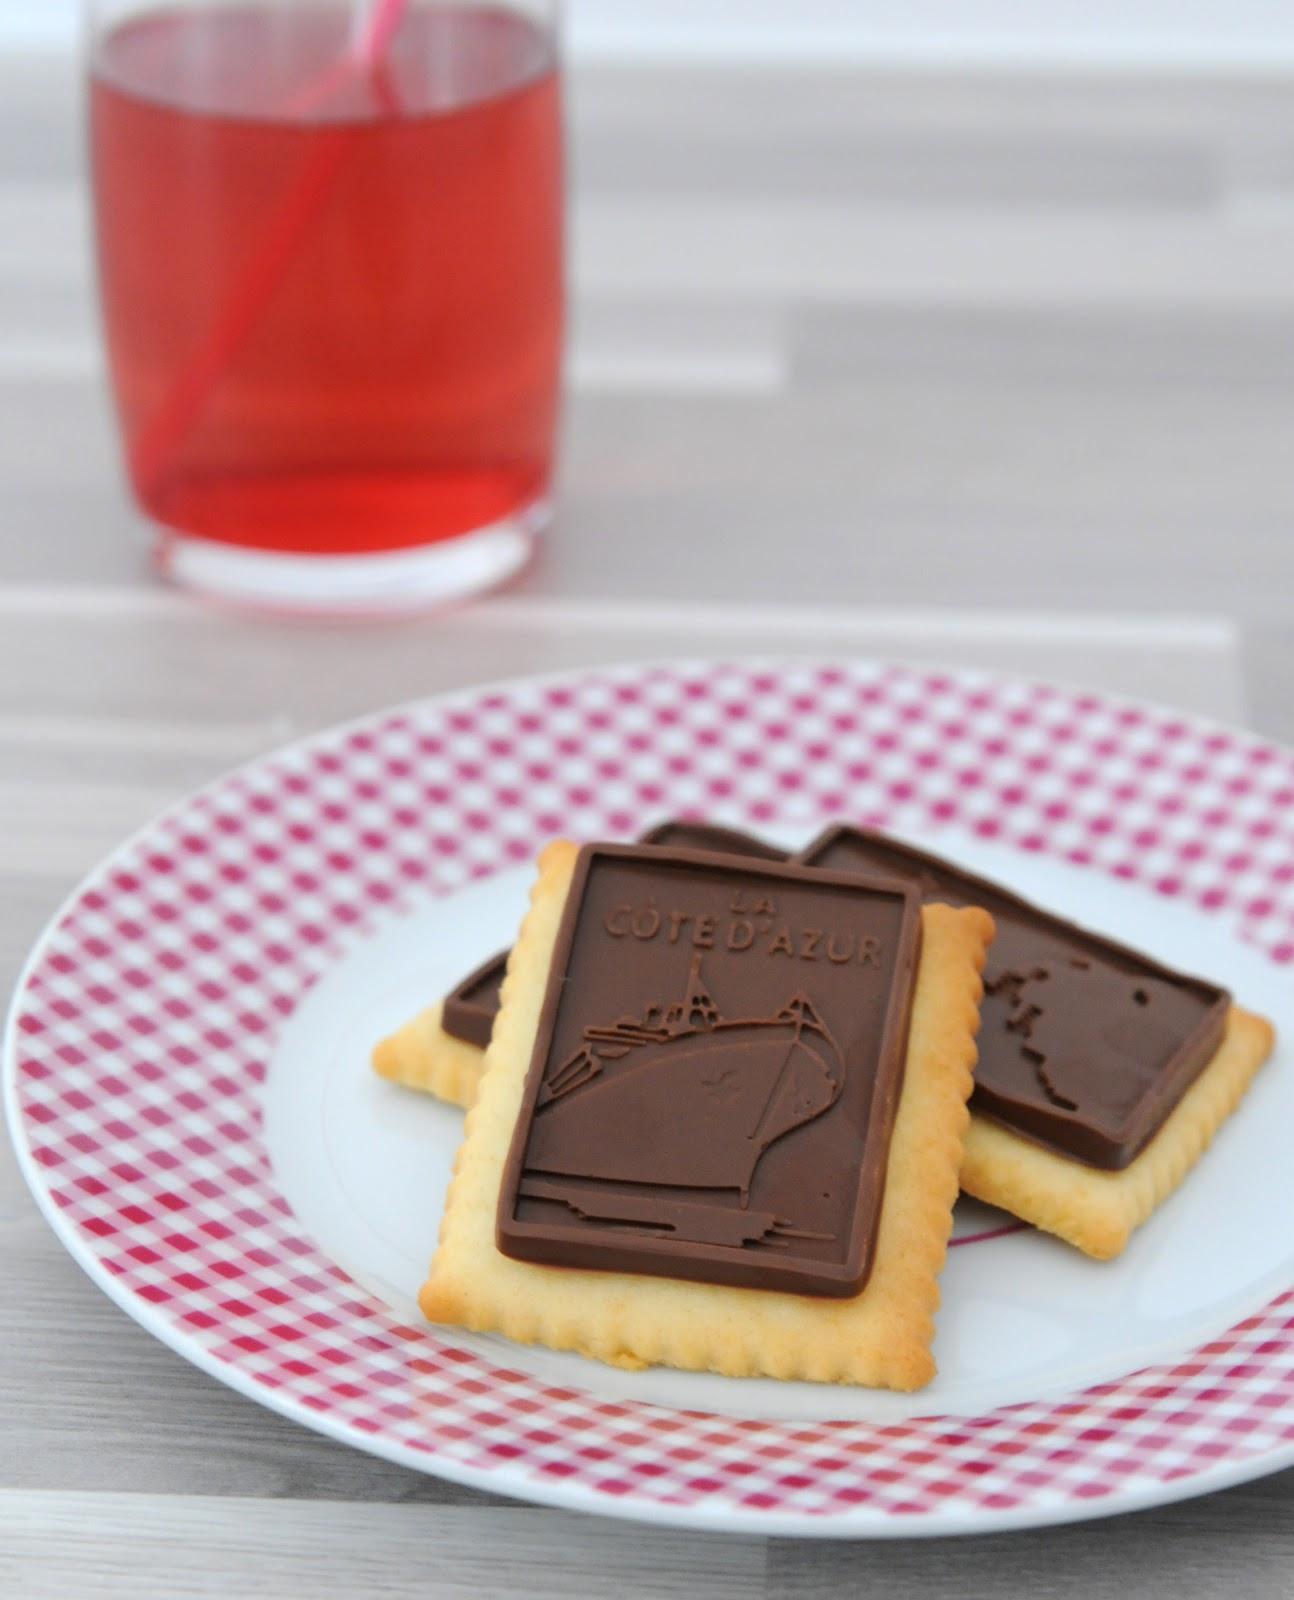 13 desserts chacun petits beurre maison au chocolat au lait. Black Bedroom Furniture Sets. Home Design Ideas